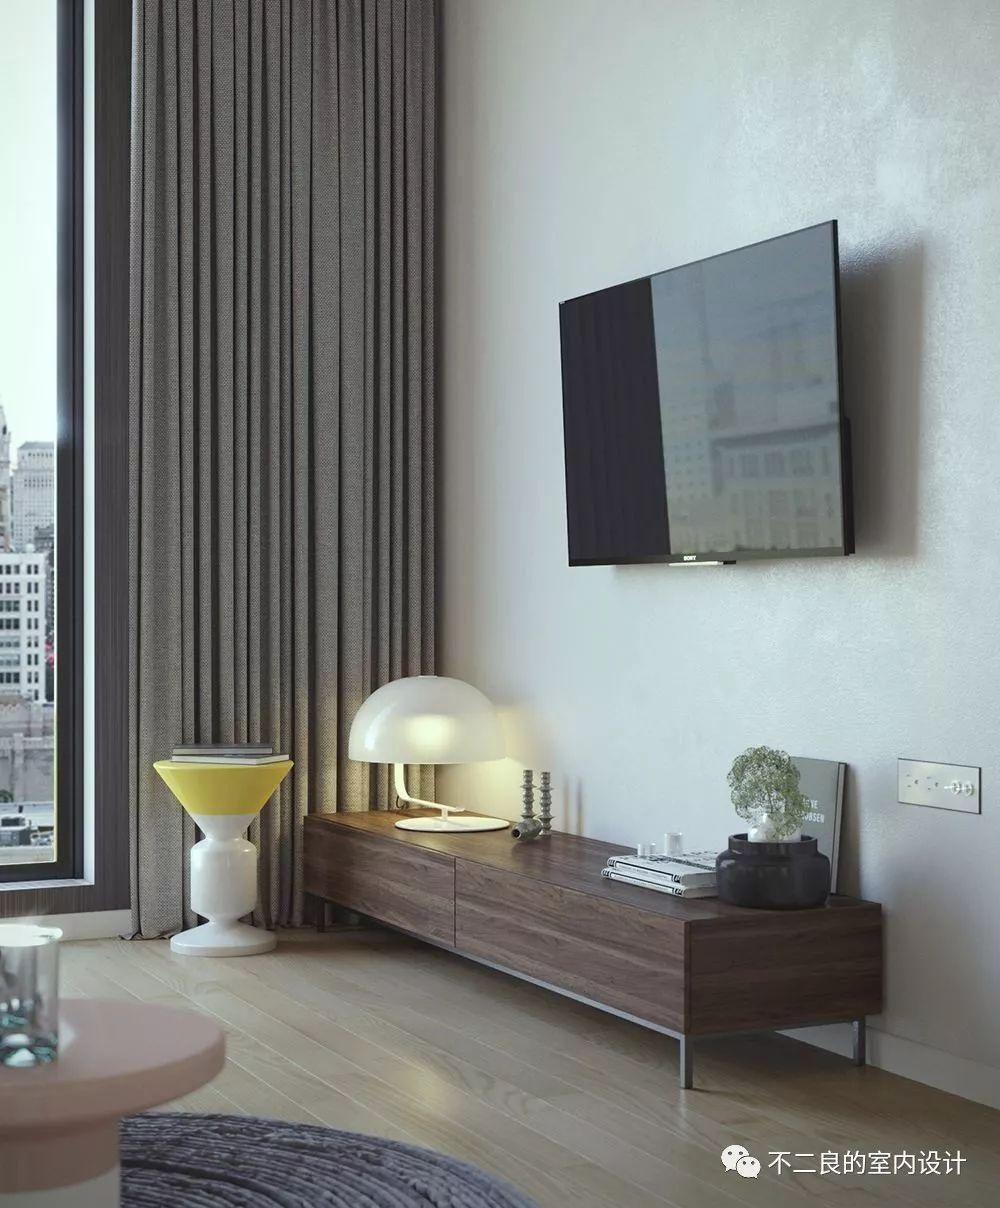 室内设计案例分析,饭馆的v饭馆公寓100的平米装修设计规则怎么图片